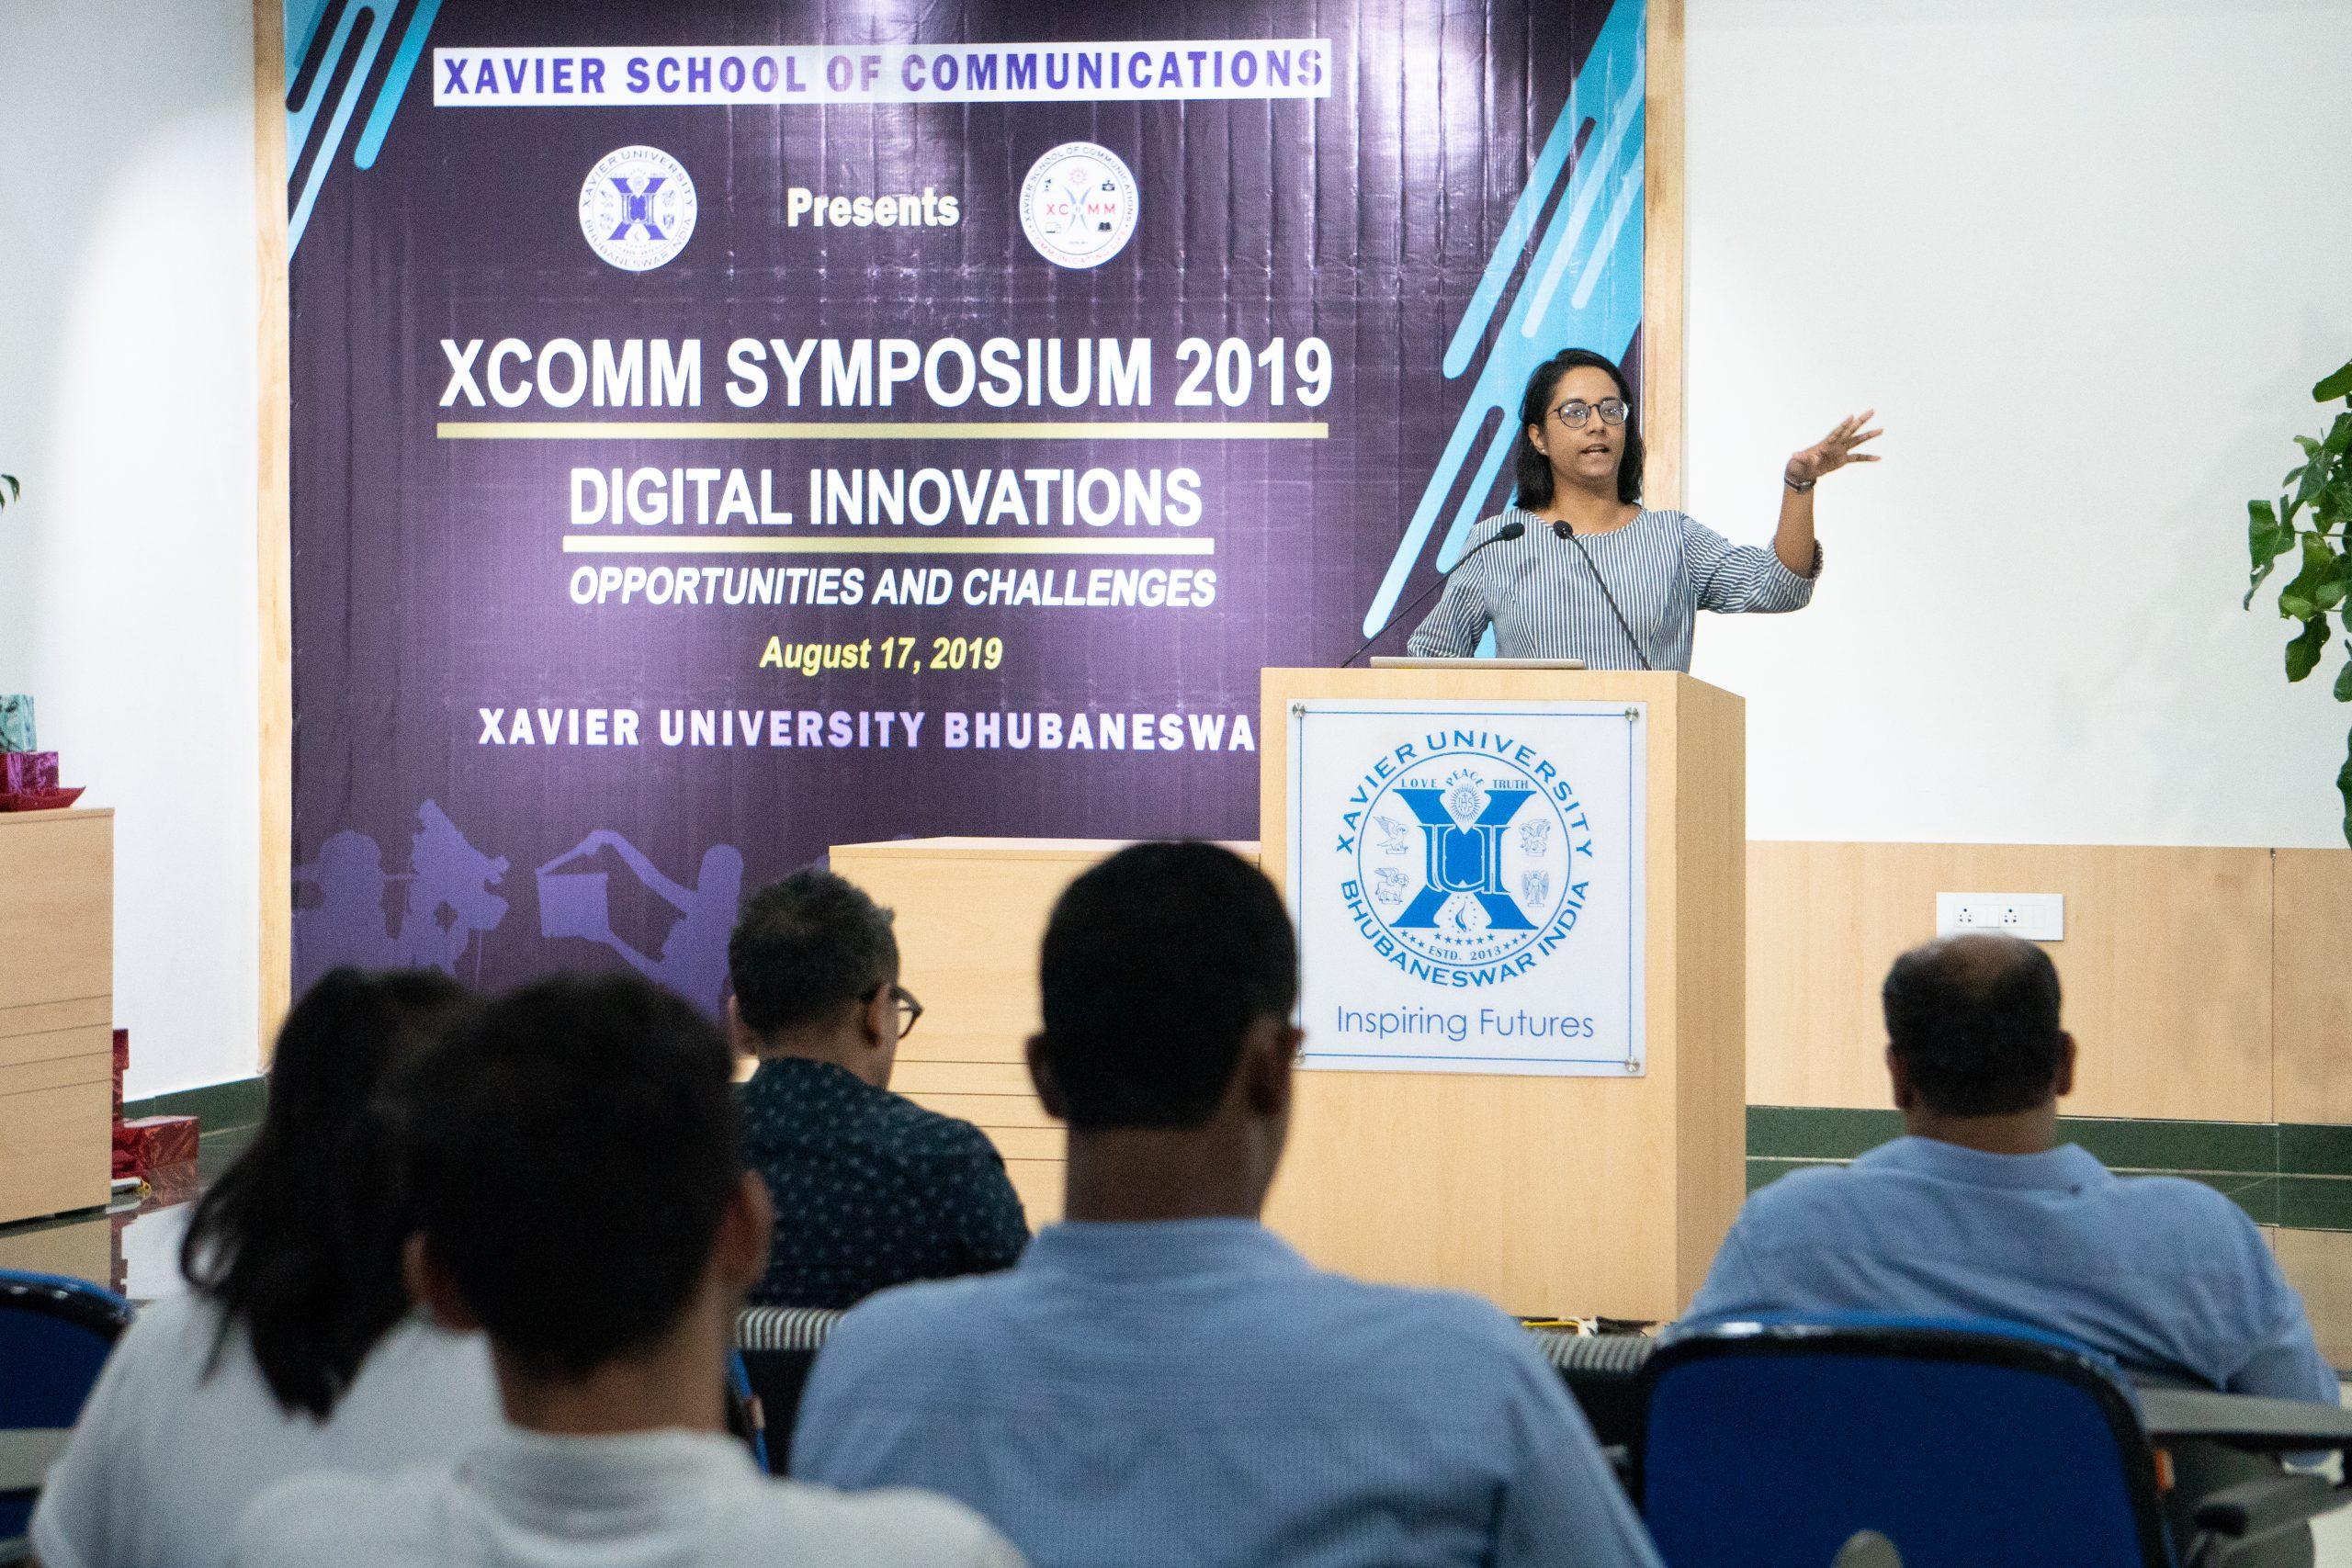 symposium 2019 October 11